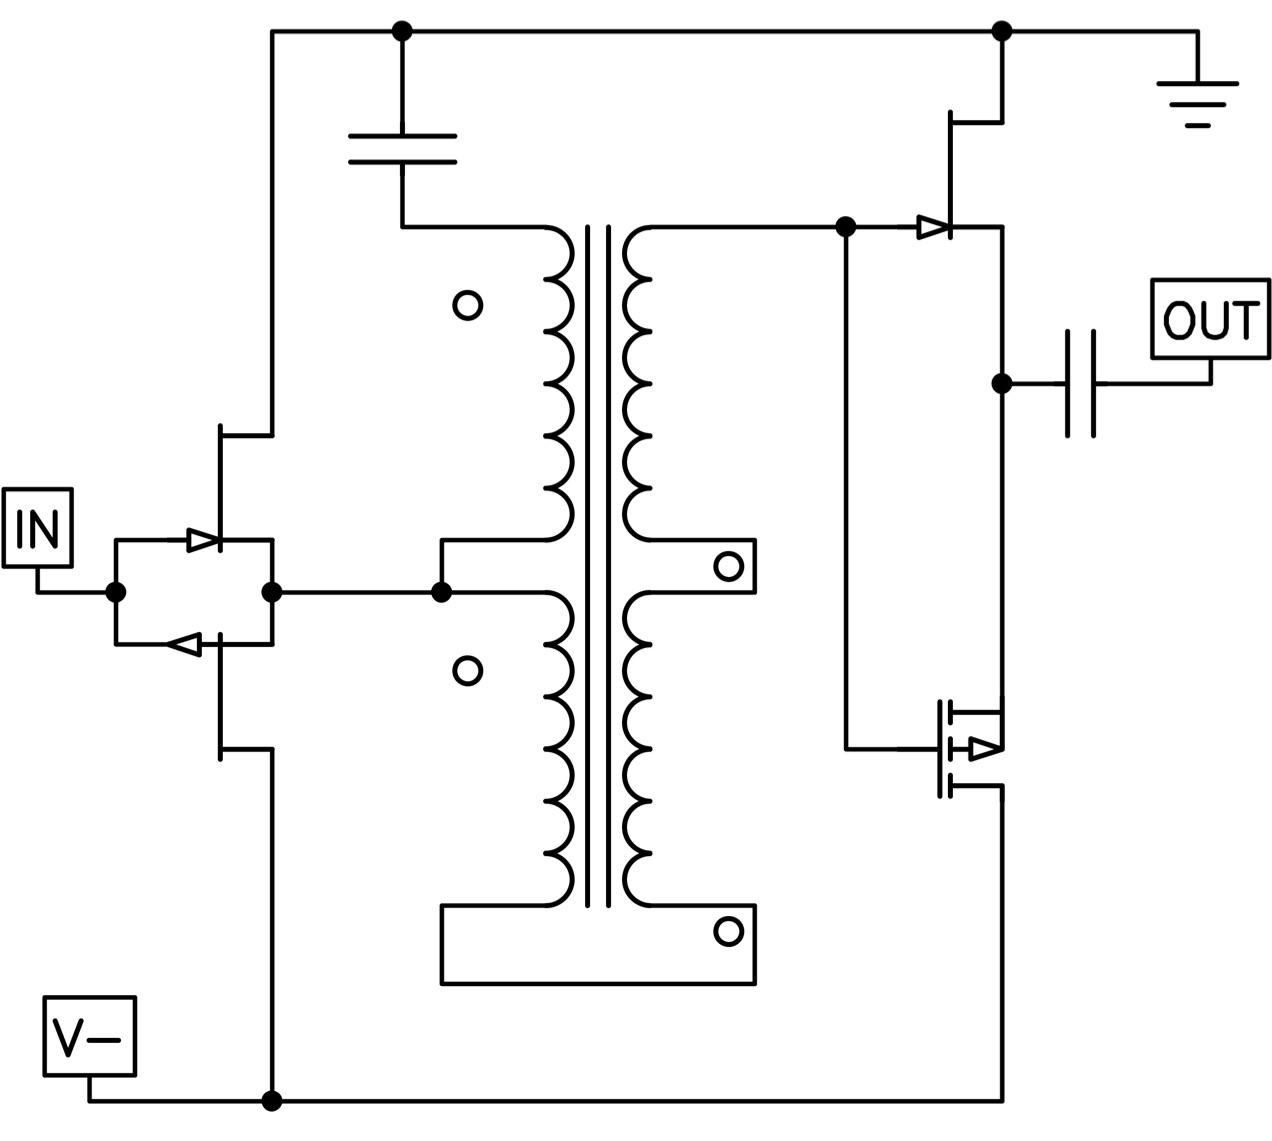 Stereo Power Amplifier Schematics